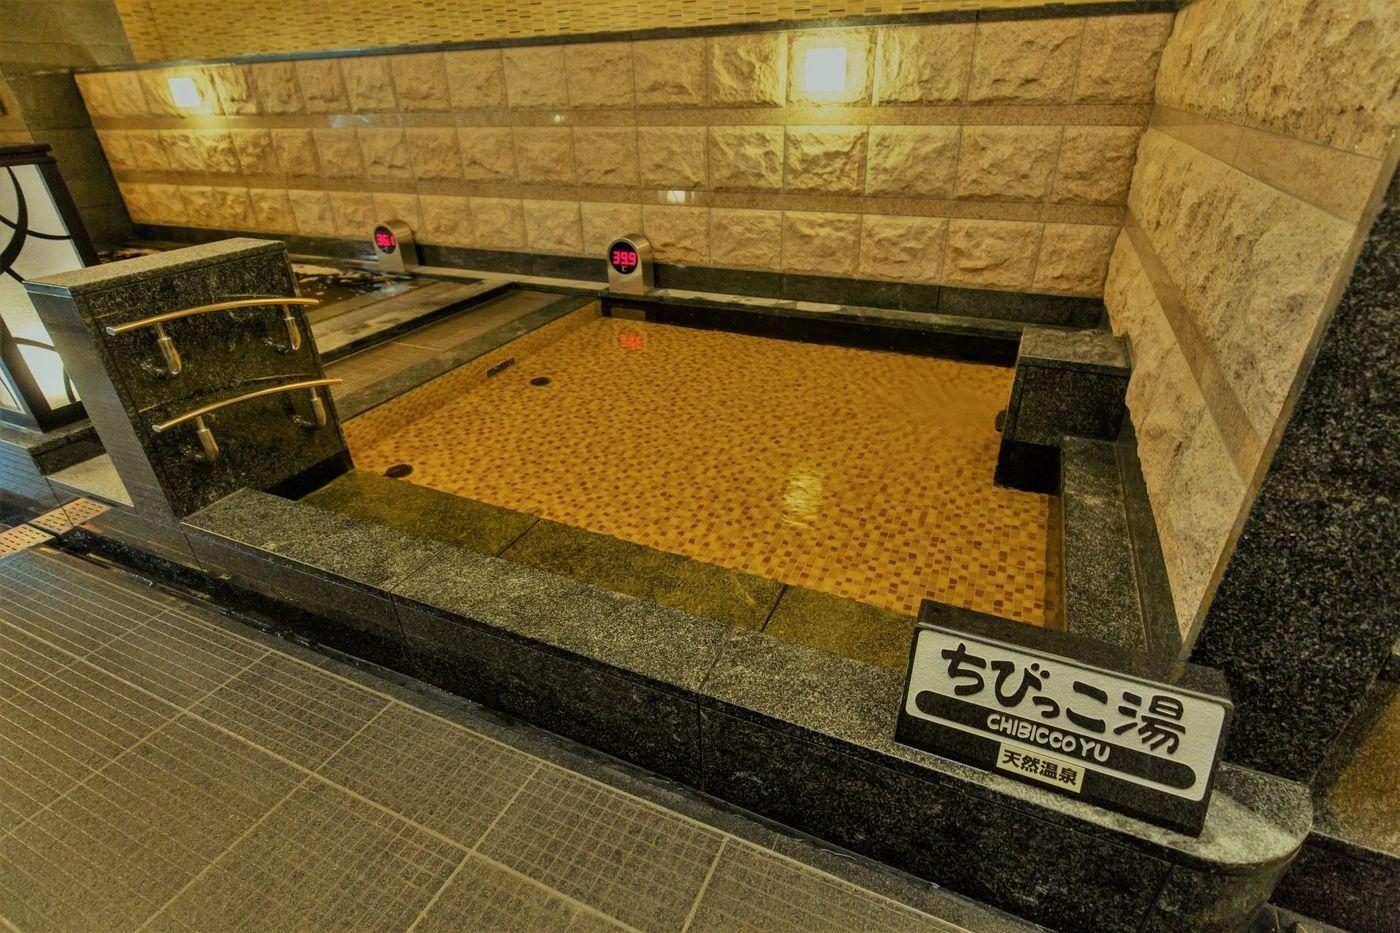 岩盤浴でプロジェクションマッピング?!「竜泉寺の湯 草加谷塚店」が気になる♡の画像